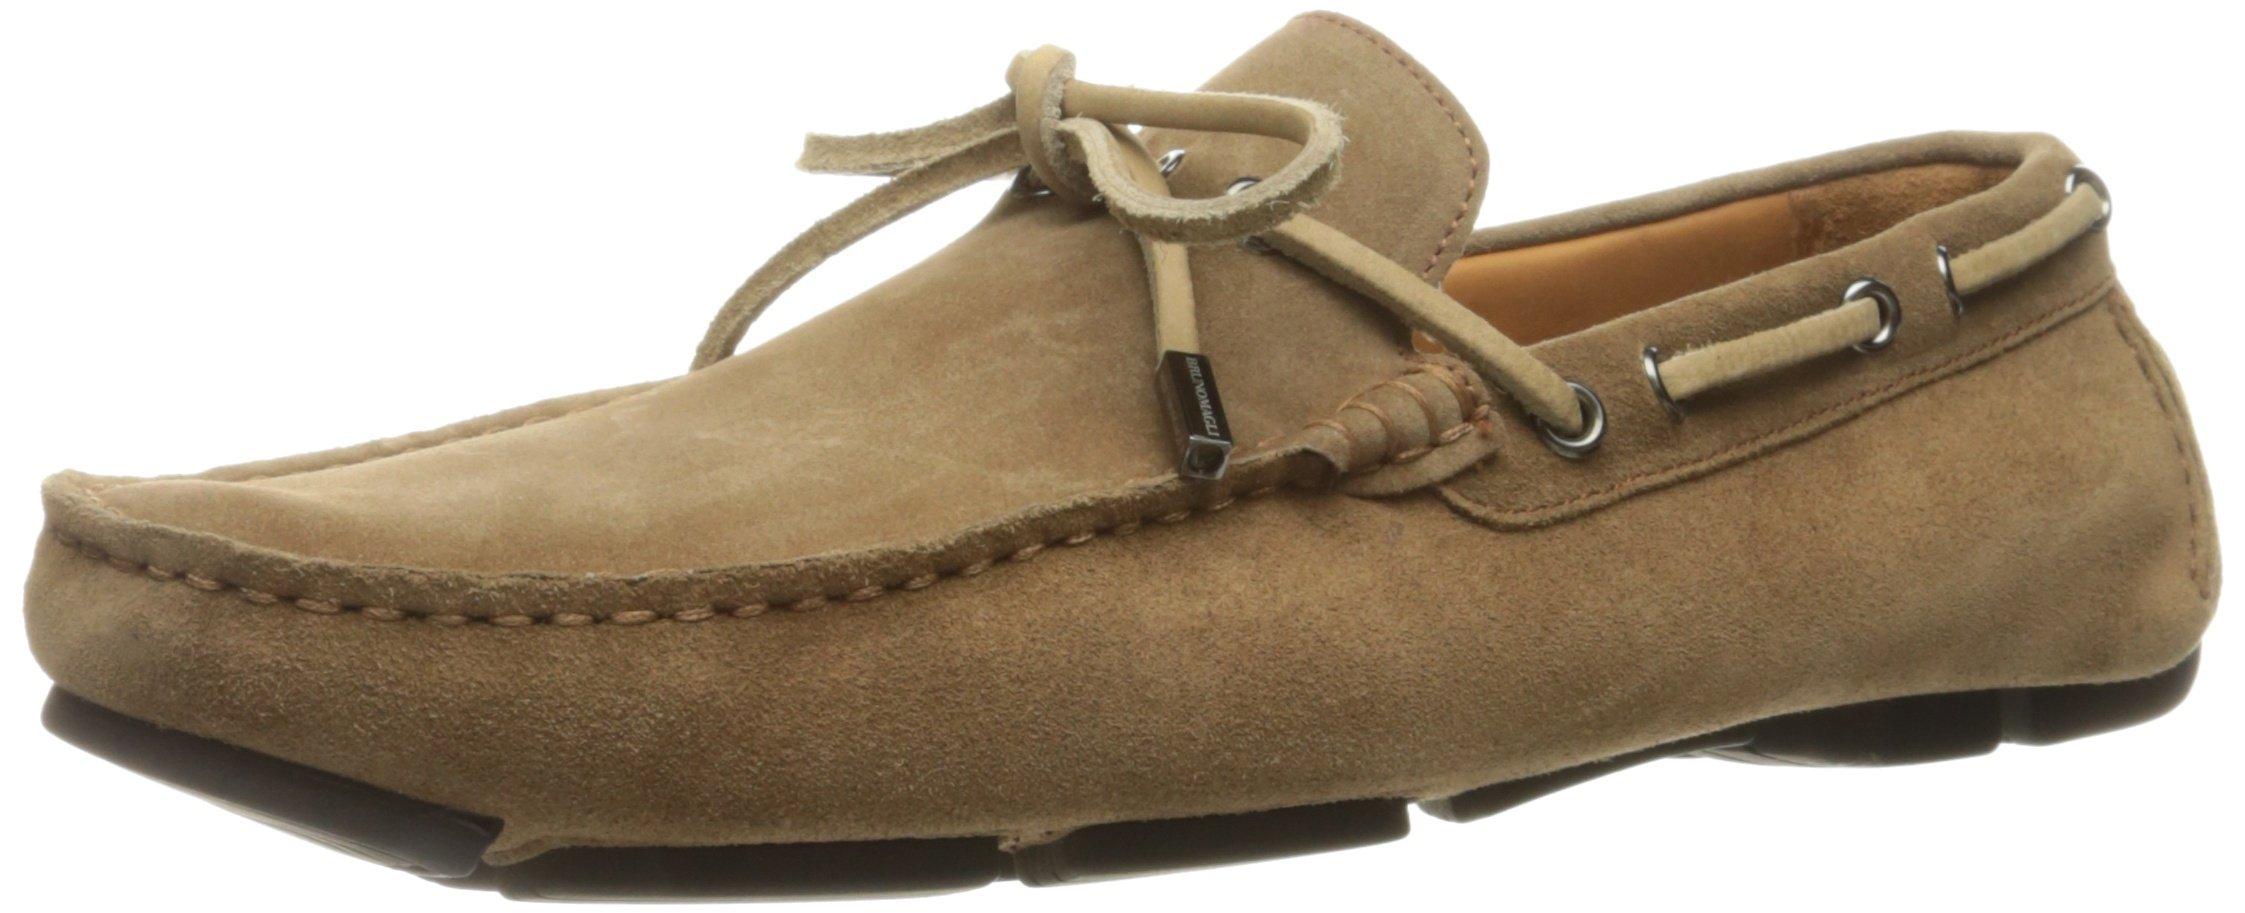 Bruno Magli Men's Morotta Slip-on Loafer, Sand Suede, 10 M US